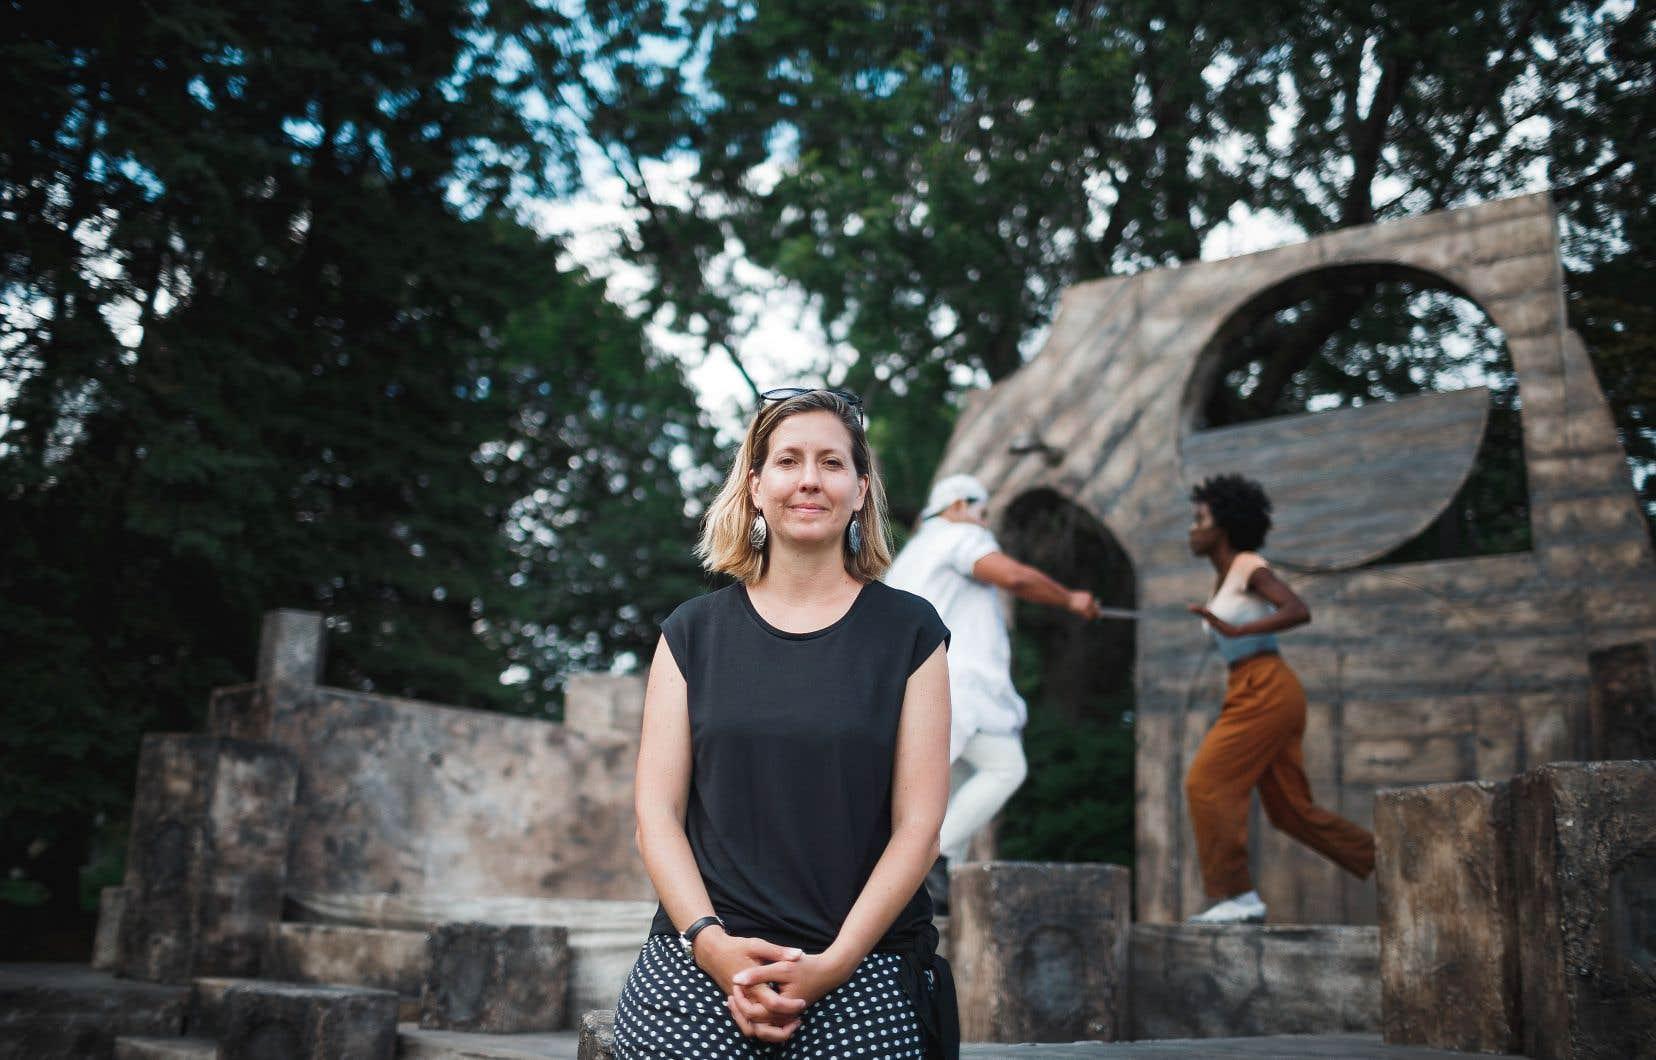 La directrice artistique Amanda Kellock regrette que certains se sentent exclus par une romance entre deux femmes dans la mise en scène de son «Romeo & Juliet: Love is Love».